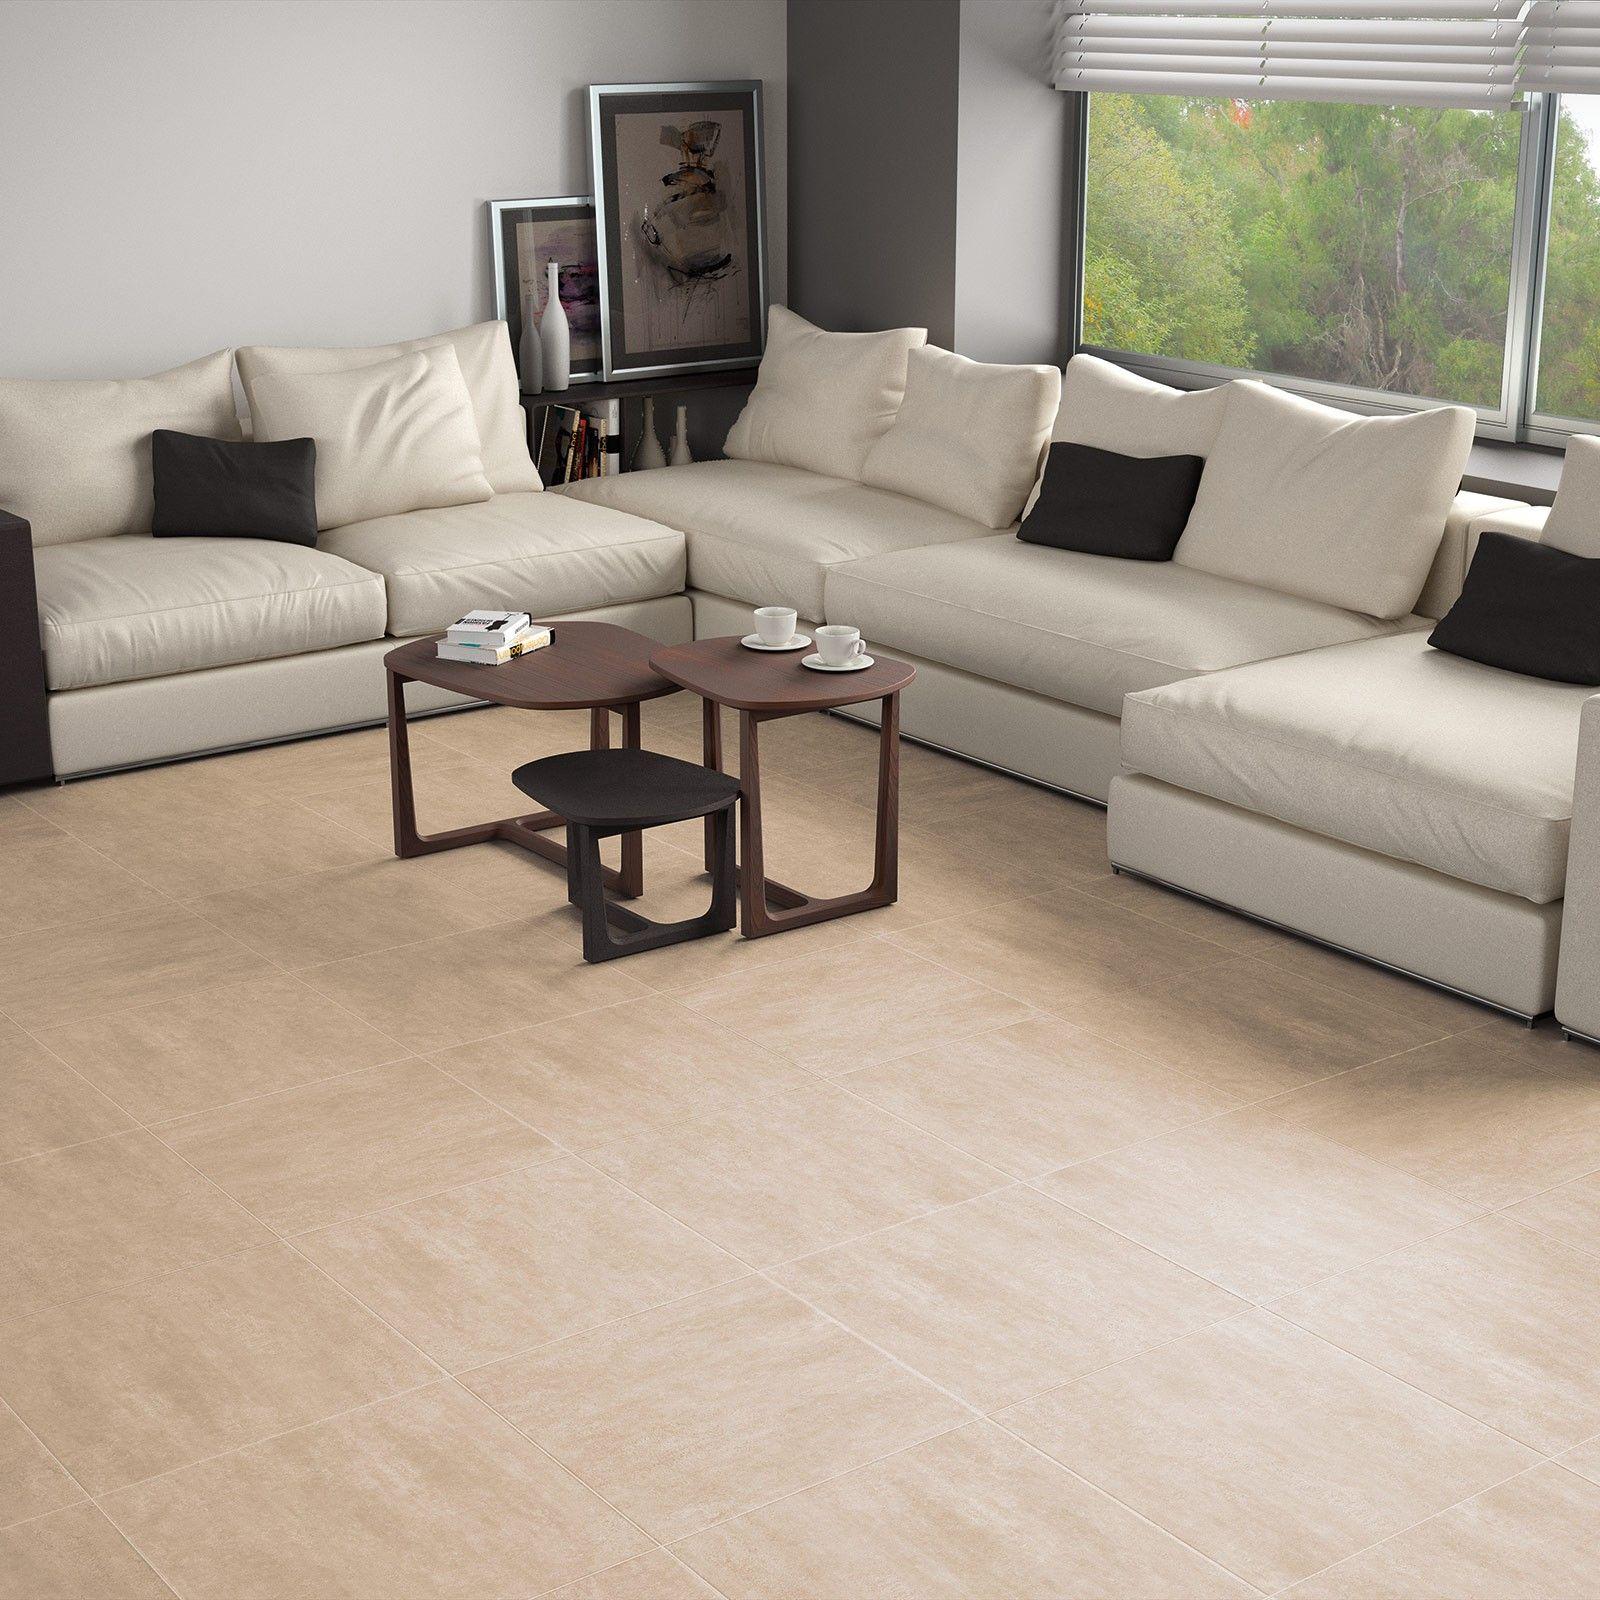 Oregon Beige Floor Tile White Tile Floor White Floors Flooring #white #floor #tiles #in #living #room